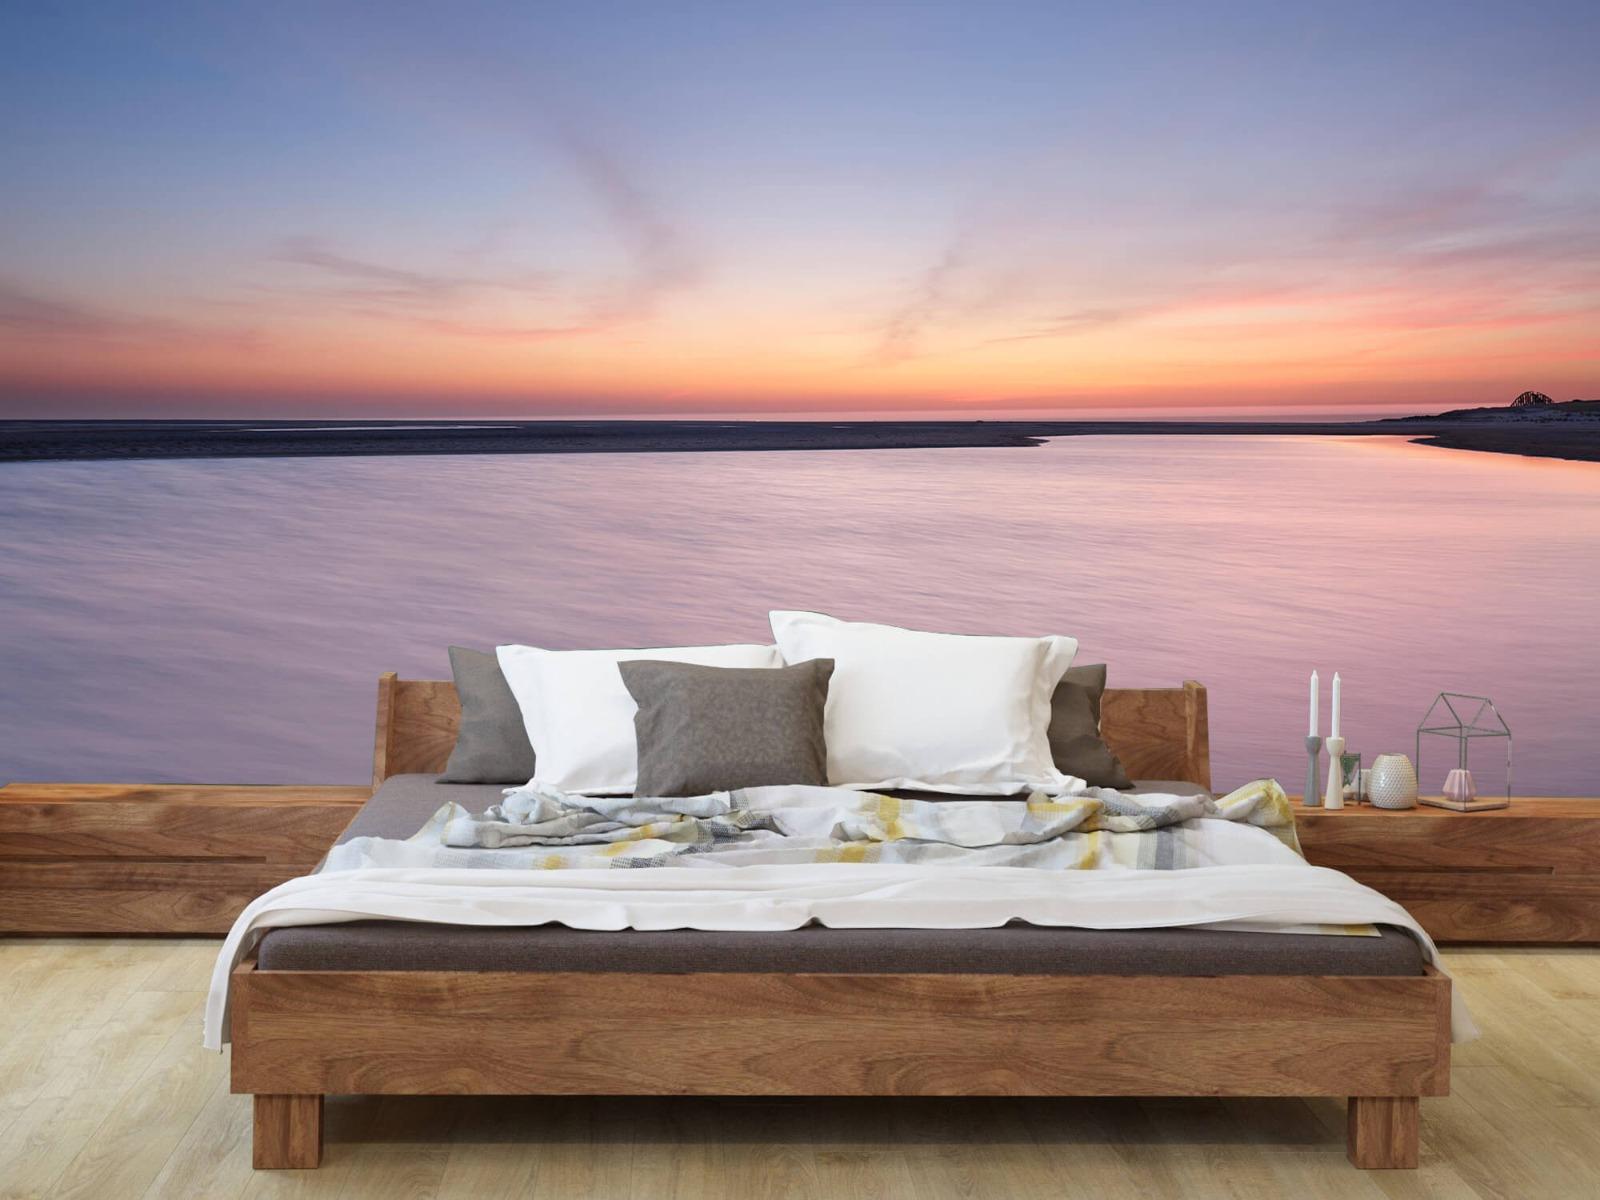 Zeeën en Oceanen - Zonsondergang aan zee - Slaapkamer 8